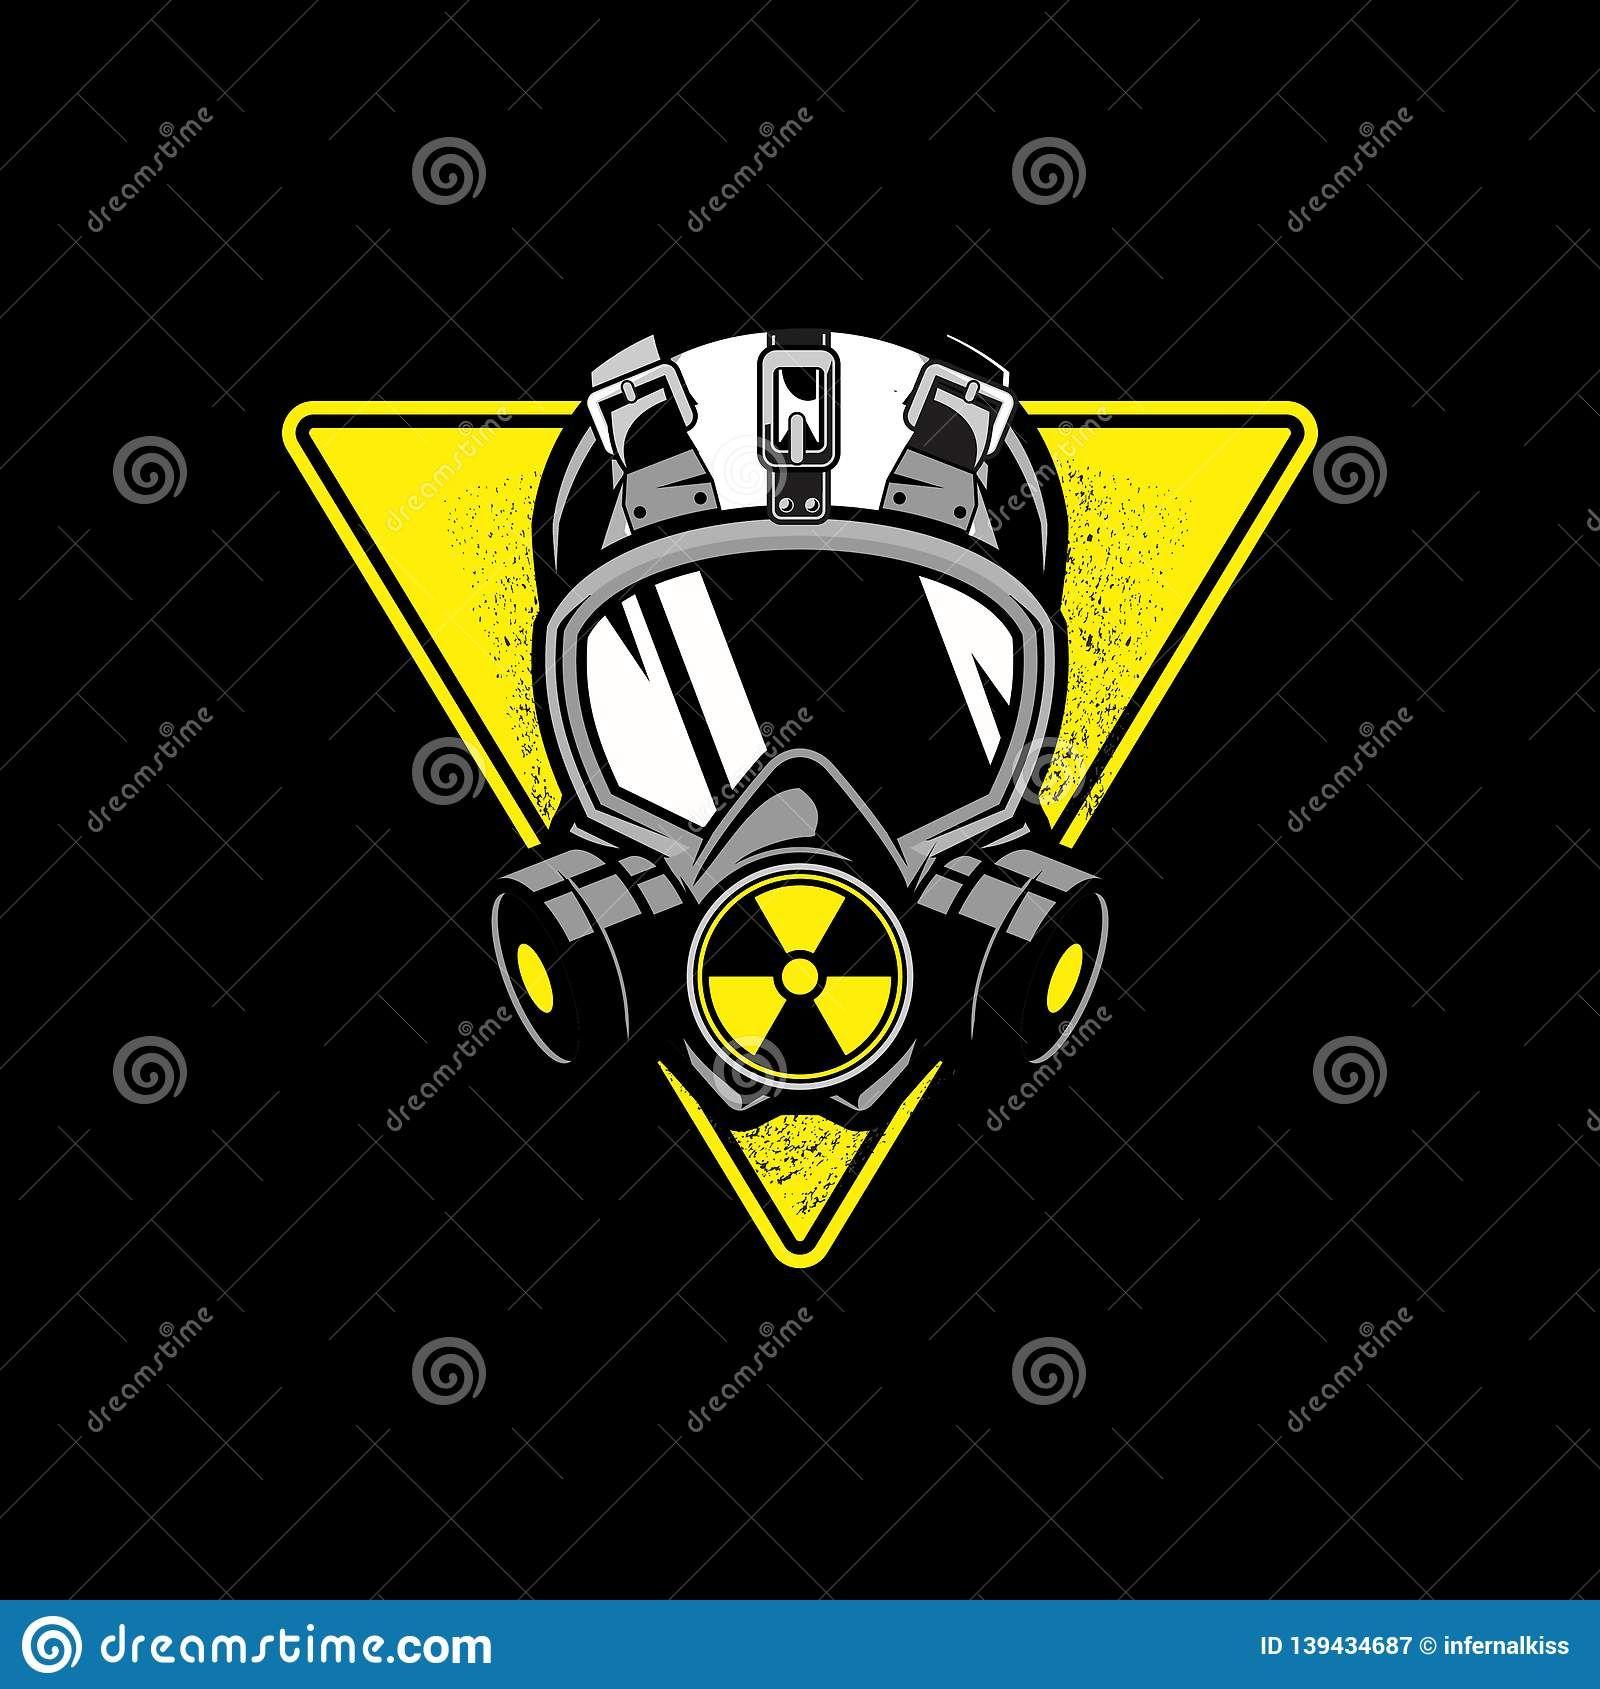 Pin by Syahmi Islam on Esports logo Esports logo, Gas